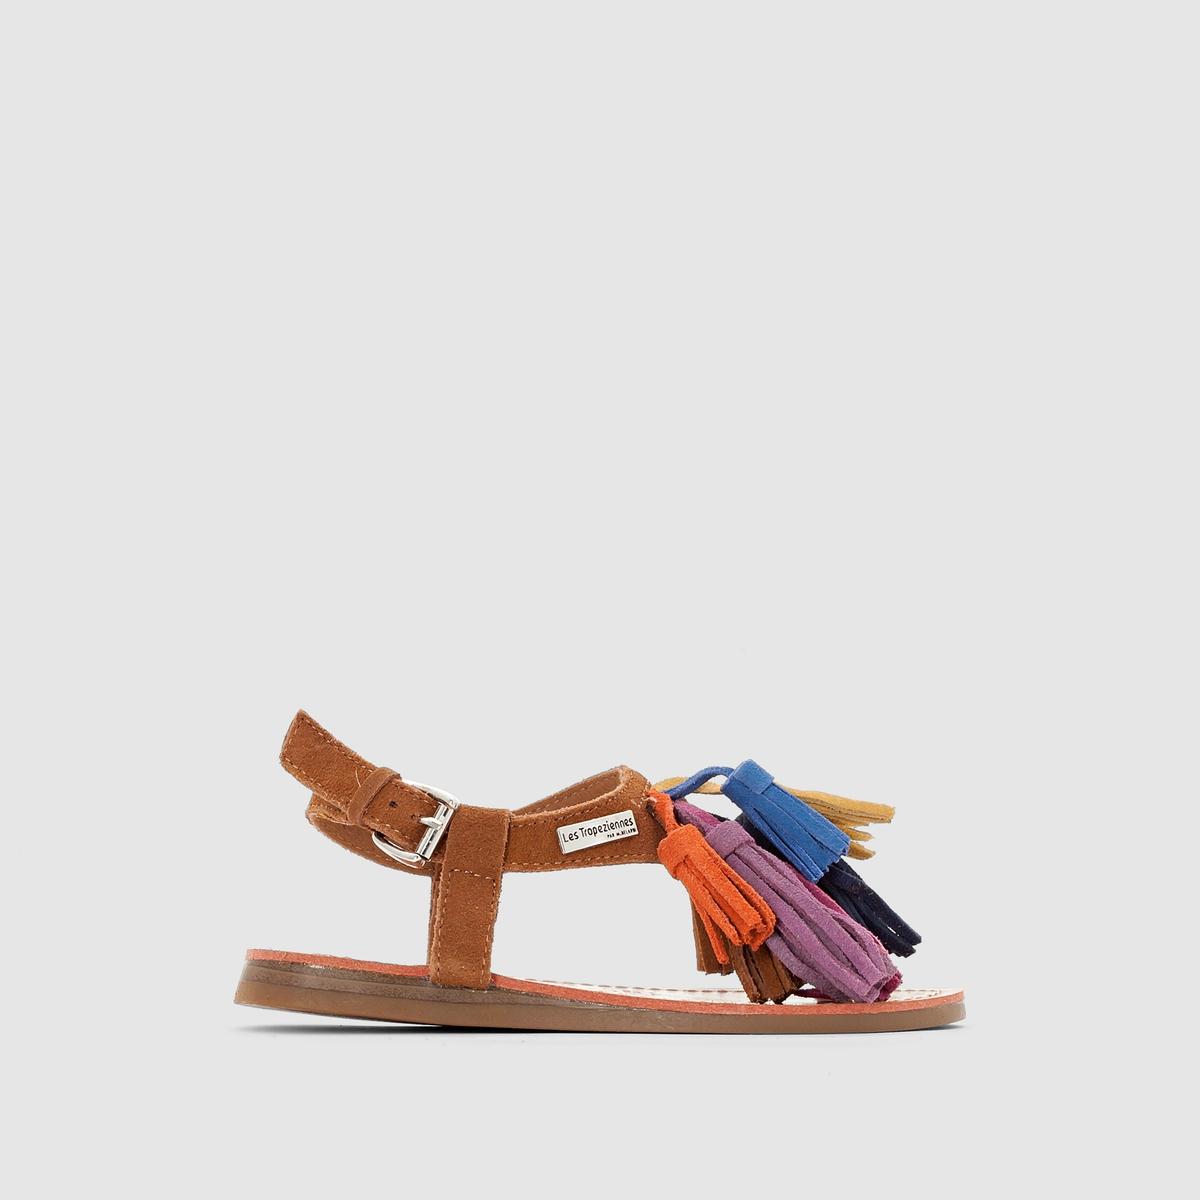 Сандалии кожаные плоские LES TROPEZIENNES, GorbyПреимущества:  вы не устоите перед оригинальным стилем этих сандалий от LES TROPEZIENNES с разноцветными помпонами спереди и ремешком с пряжкой на щиколотке .<br><br>Цвет: темно-бежевый,фиолетовый<br>Размер: 30.31.31